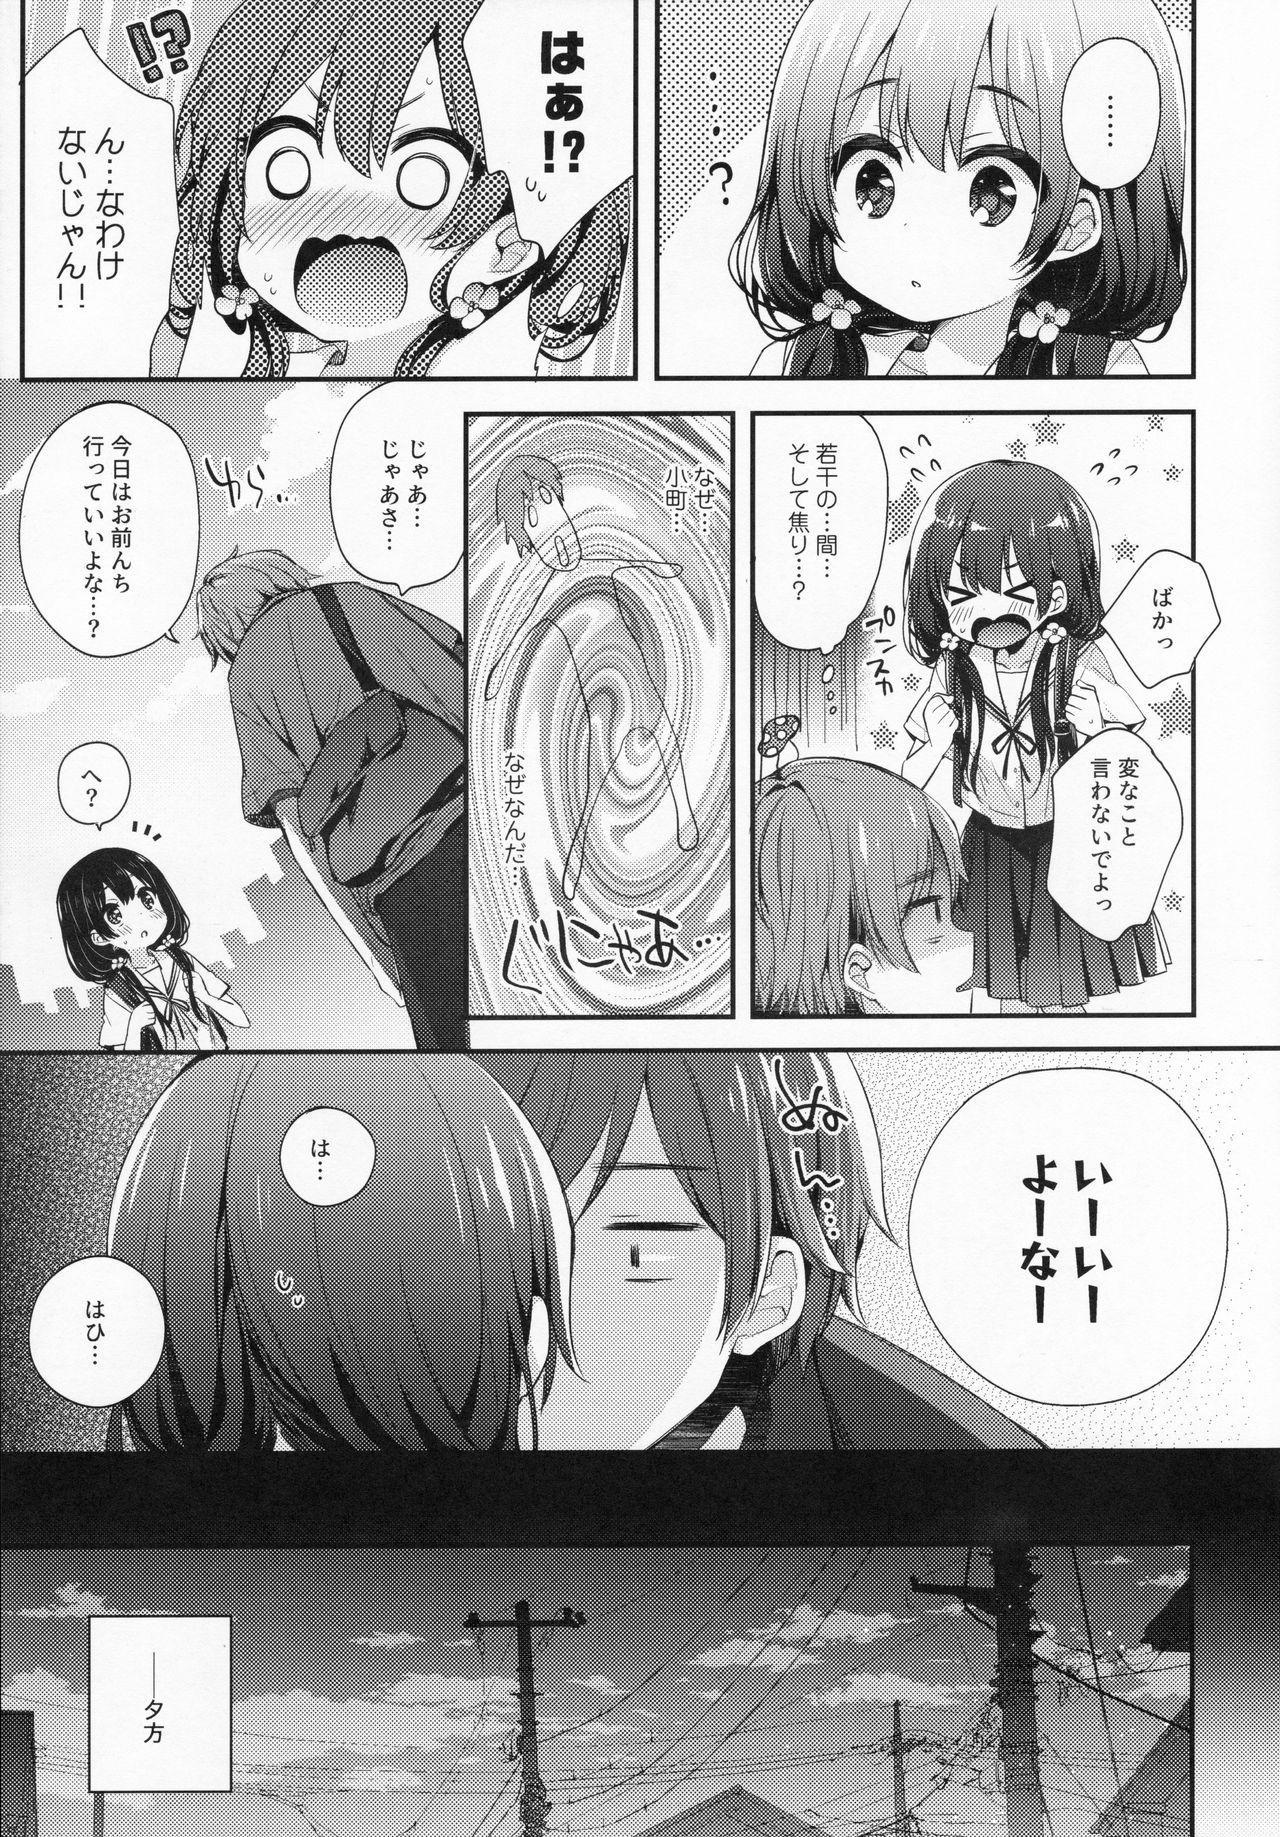 Bokutachi wa, Koi o Shitenai Hazu datta 7